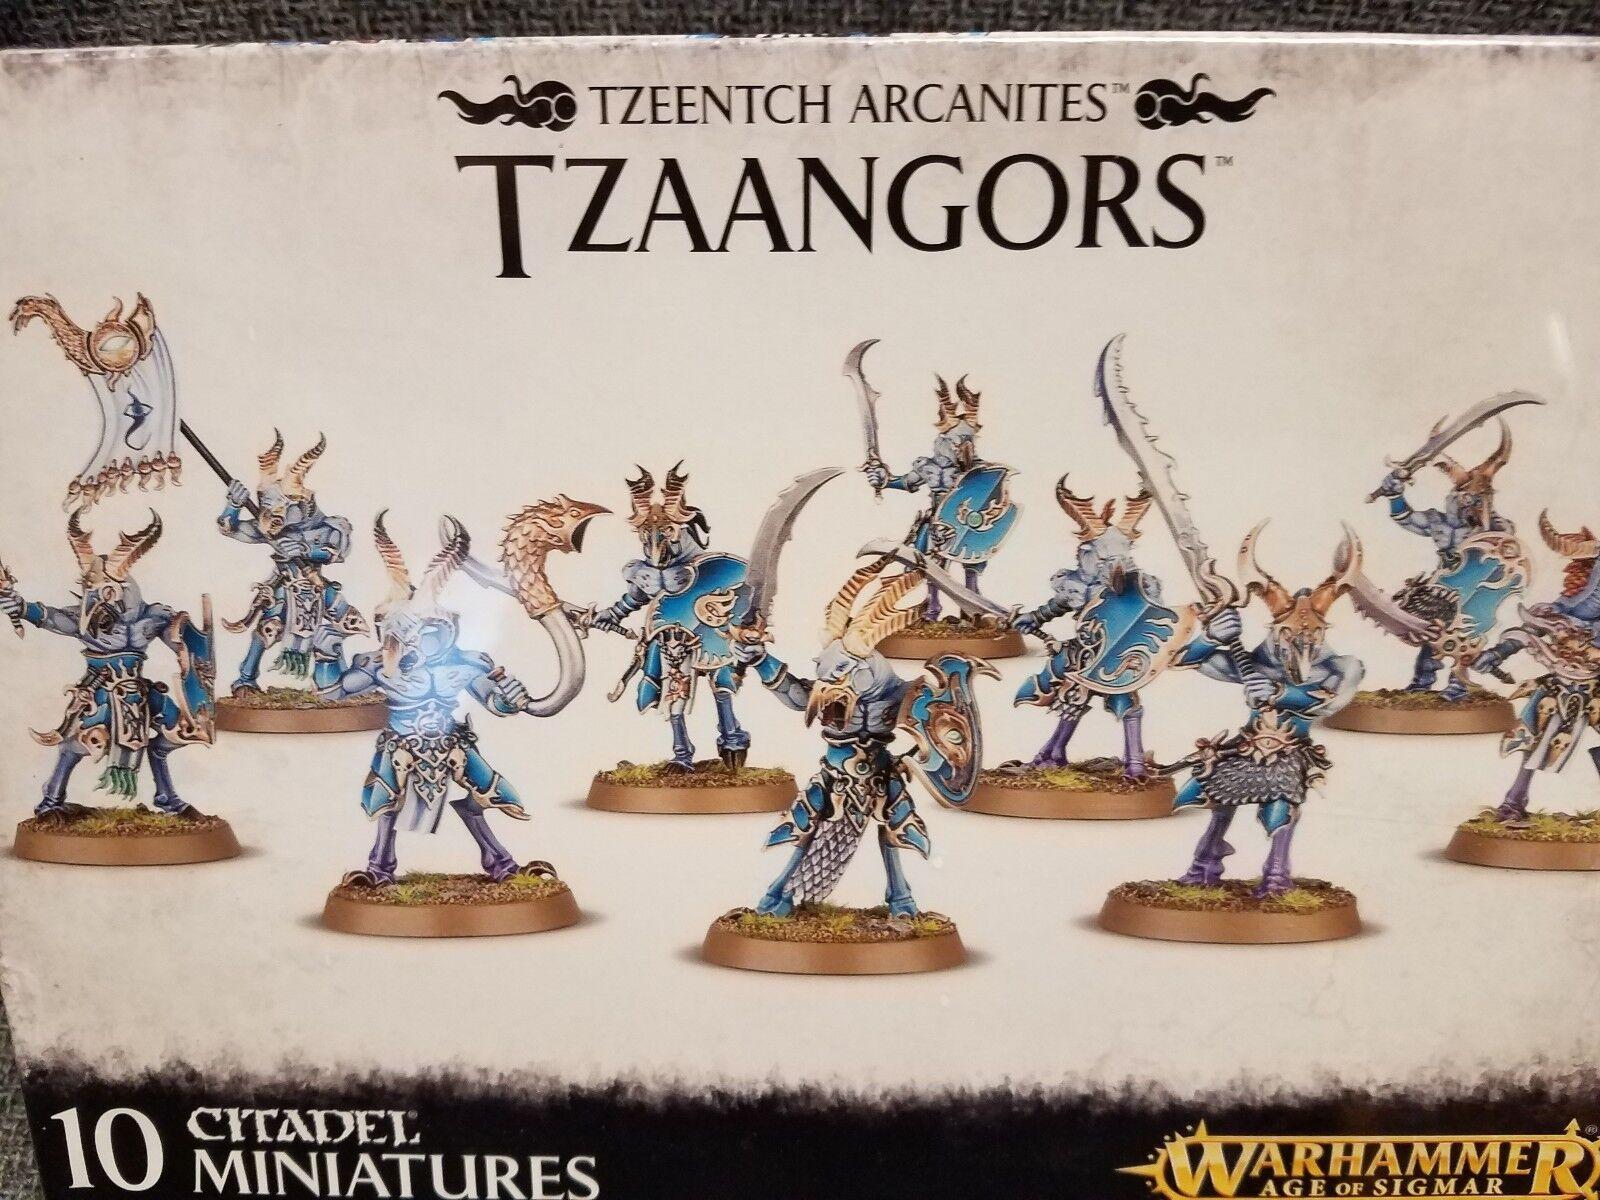 Tzaangors-Tzeentch arcanites caos Warhammer 40k Modelo de taller de juegos  nuevo